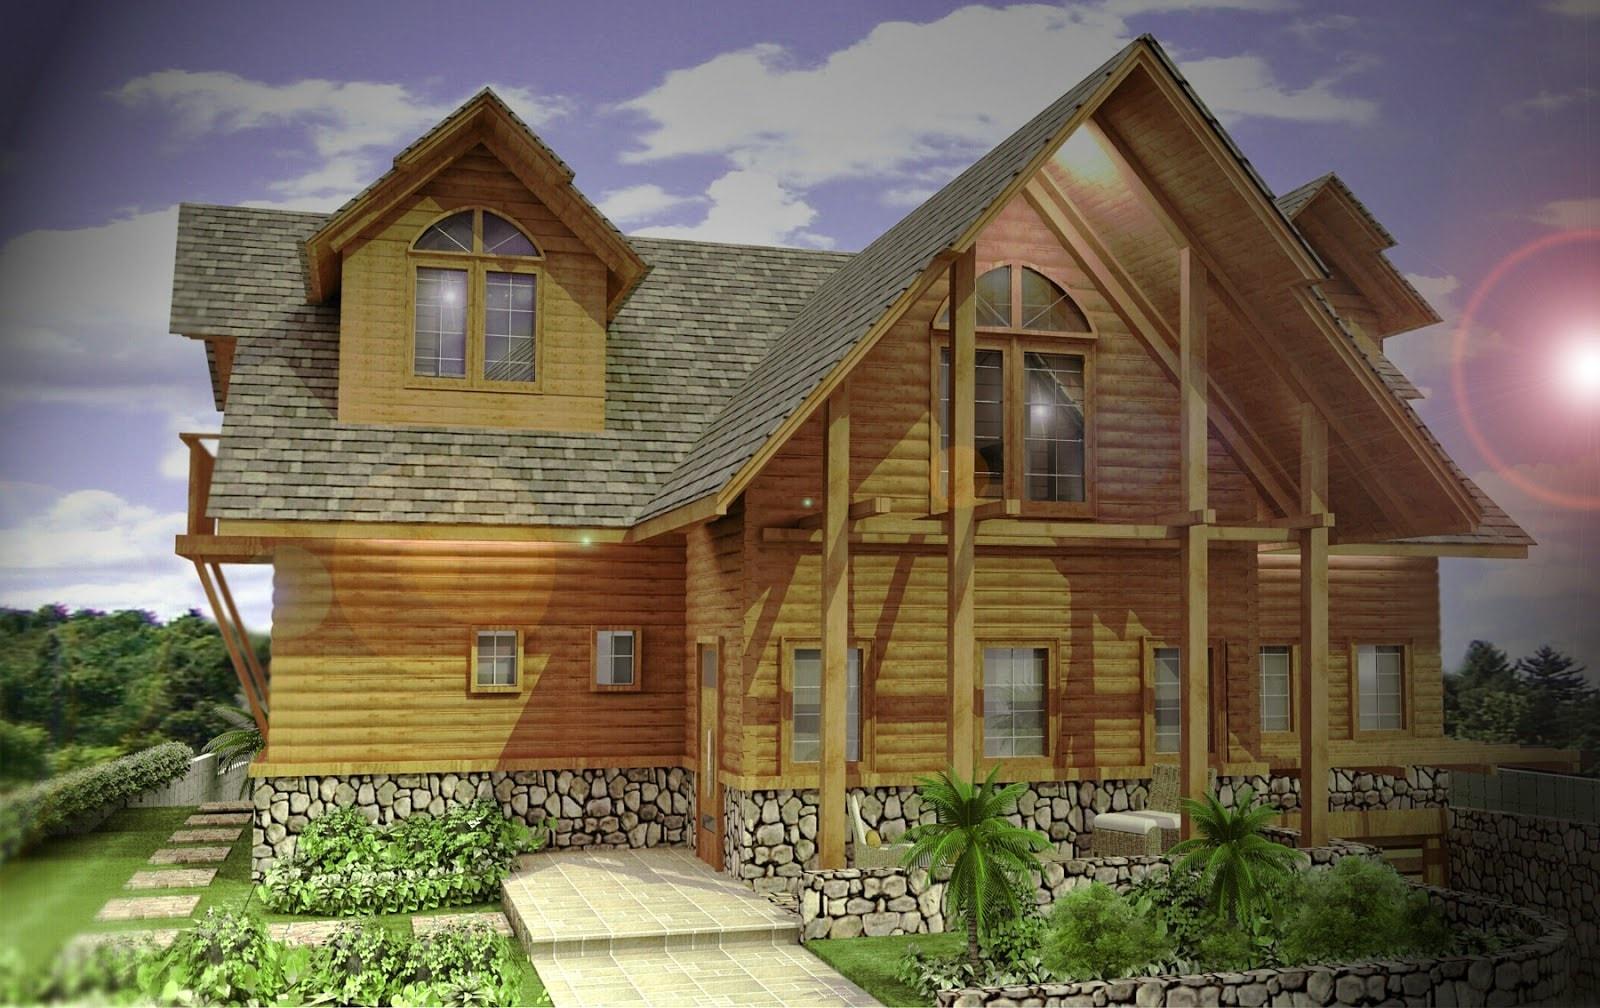 70 Desain Rumah Minimalis Di Pegunungan Desain Rumah